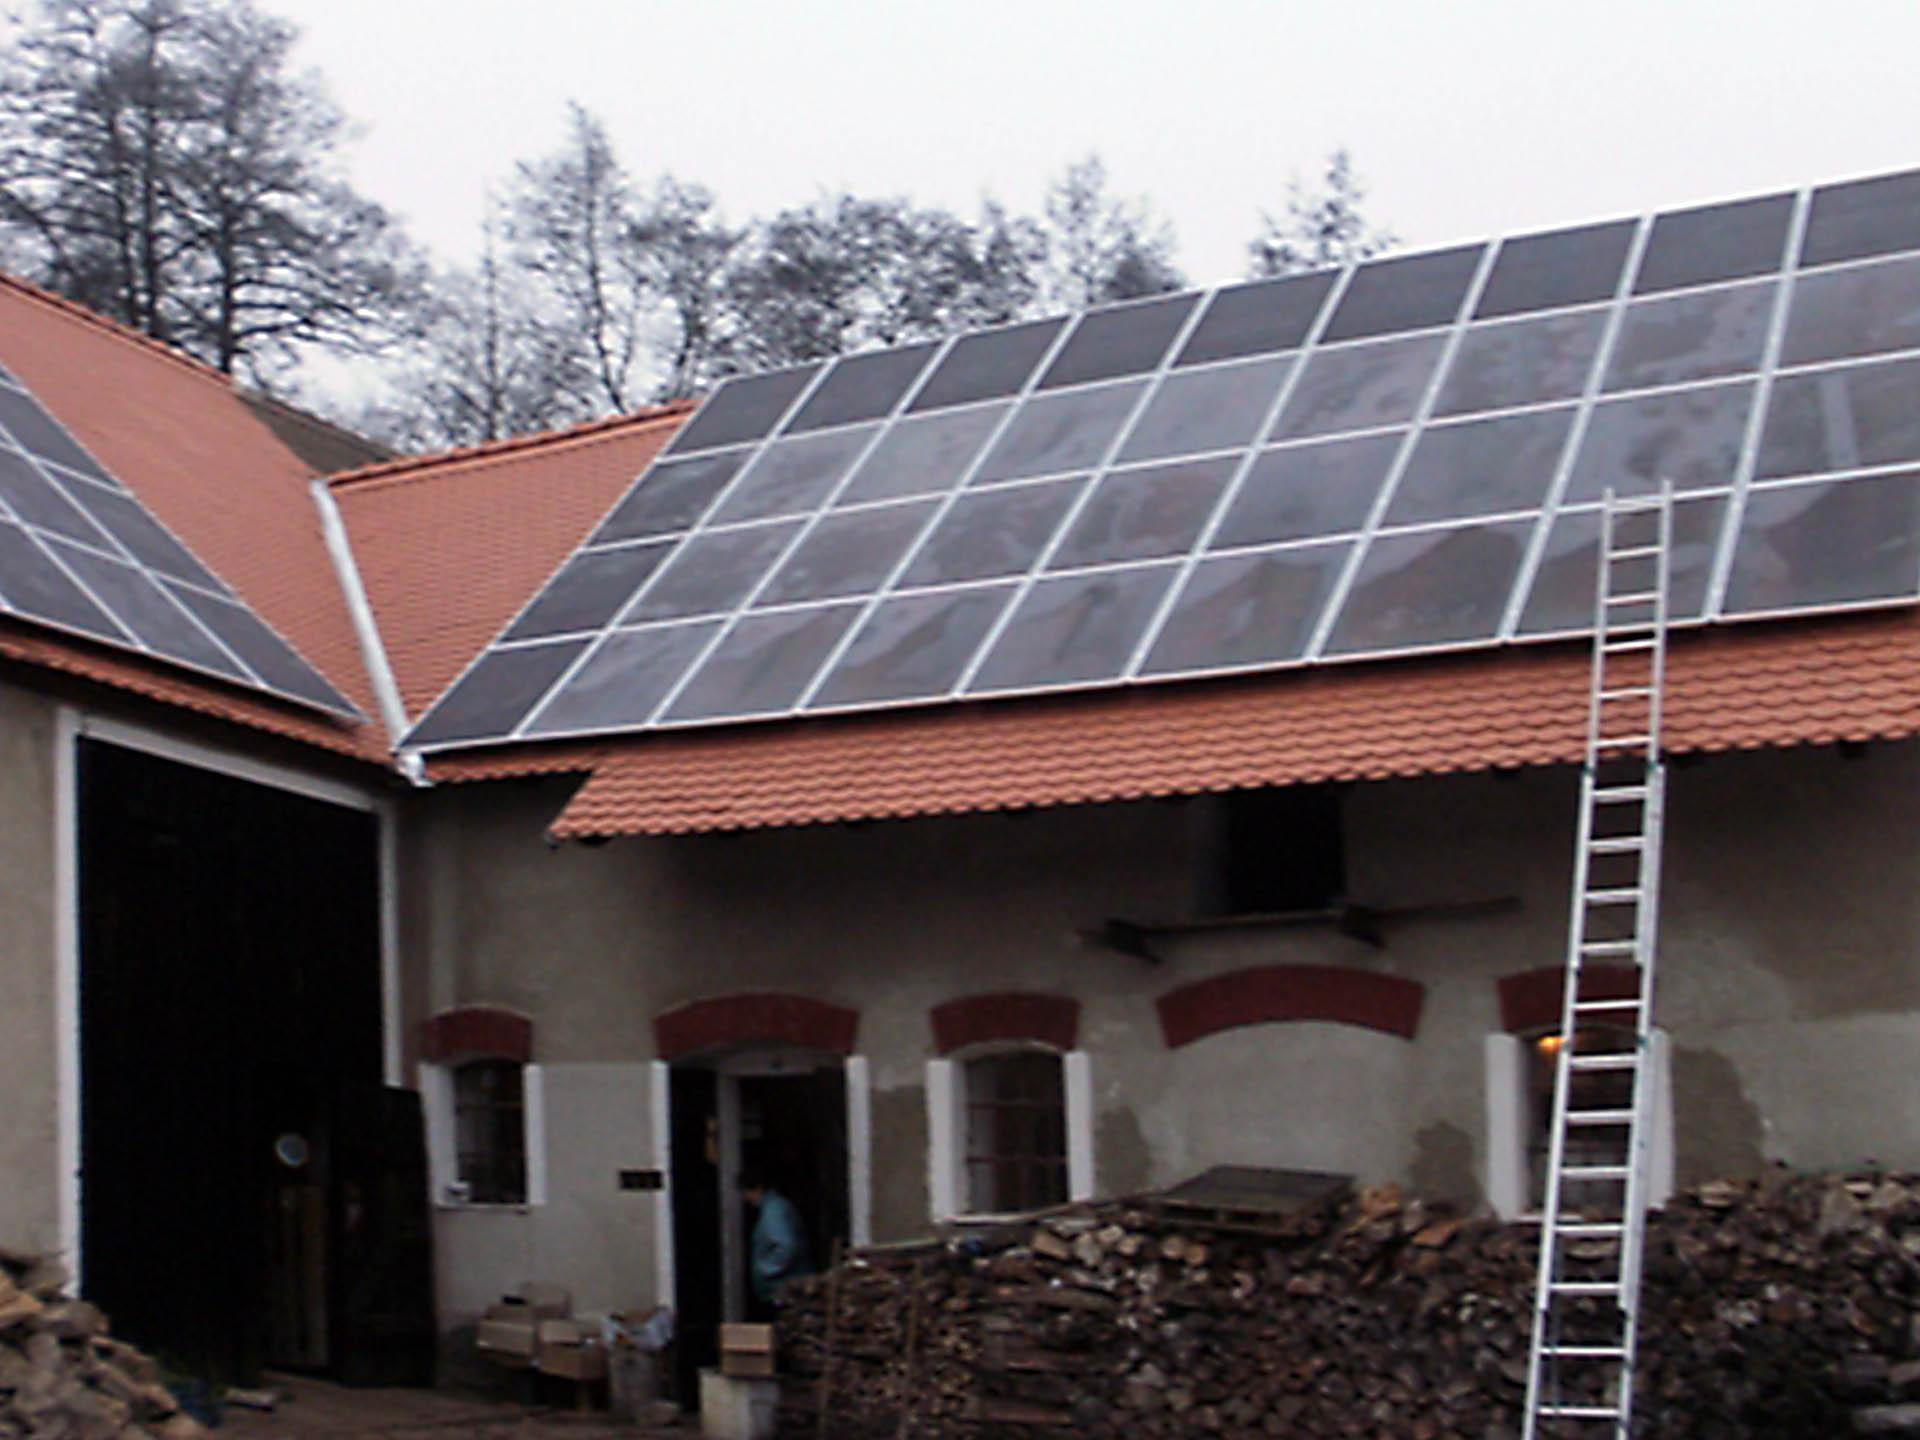 Rodinný dům a hospodářské stavení, Dobronice. Instalace fotovoltaické elektrárny o výkonu 12 kWp.